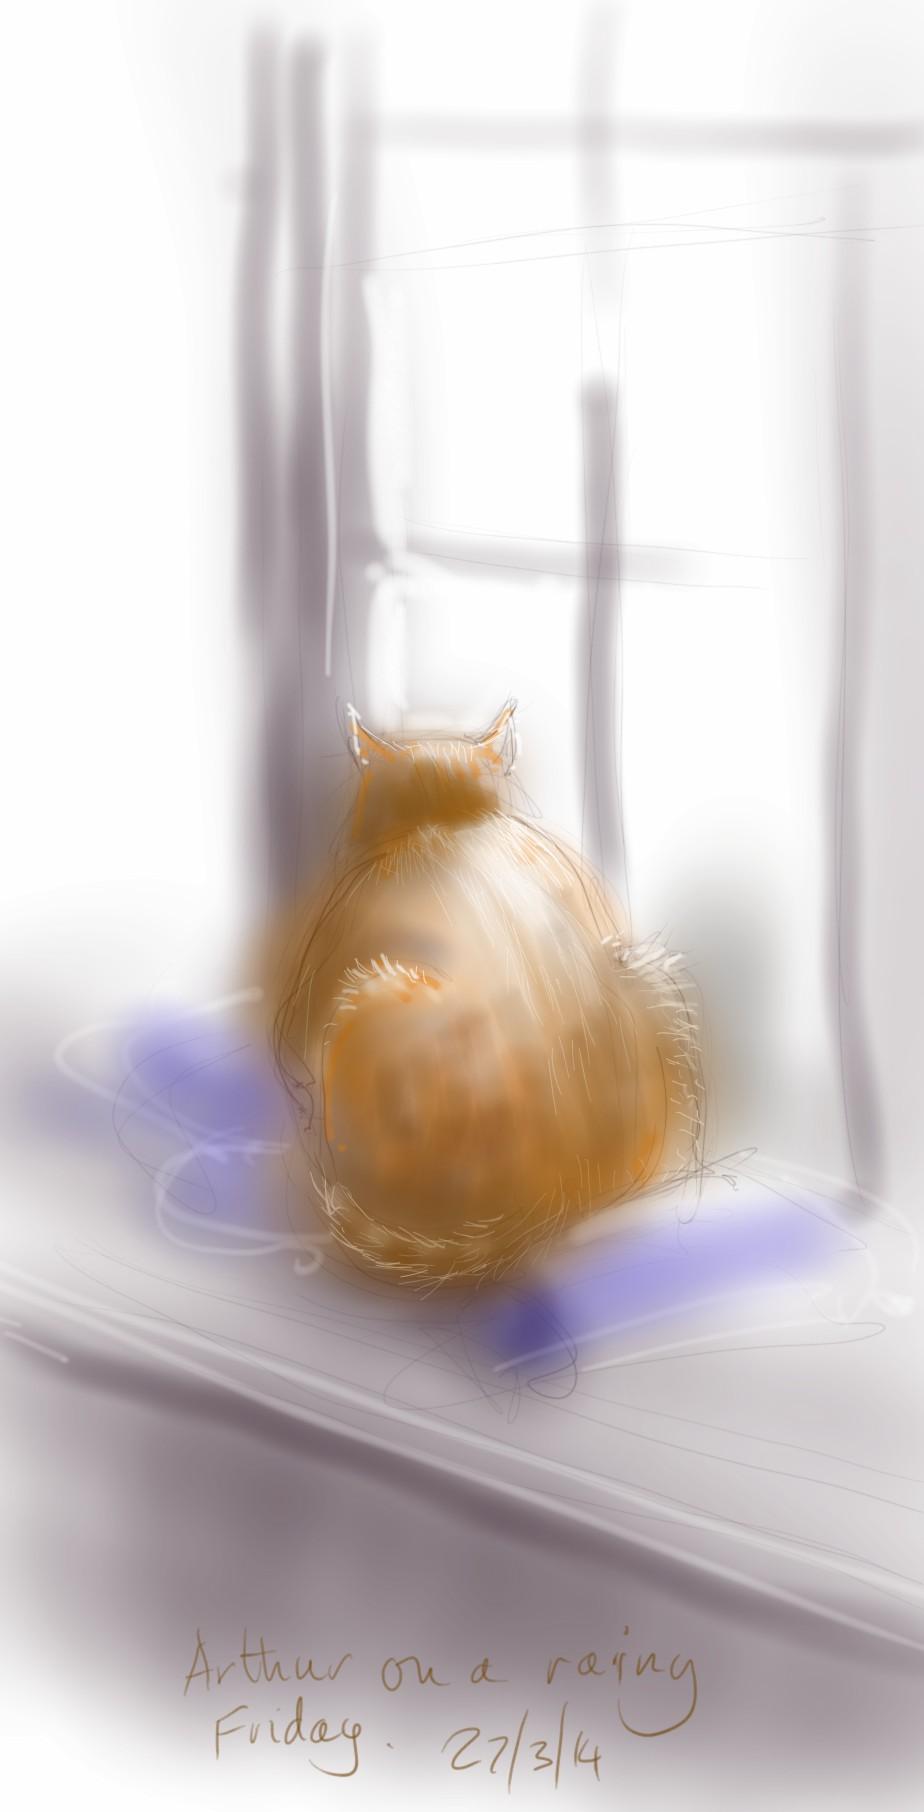 Arthur Cat on the windowsill